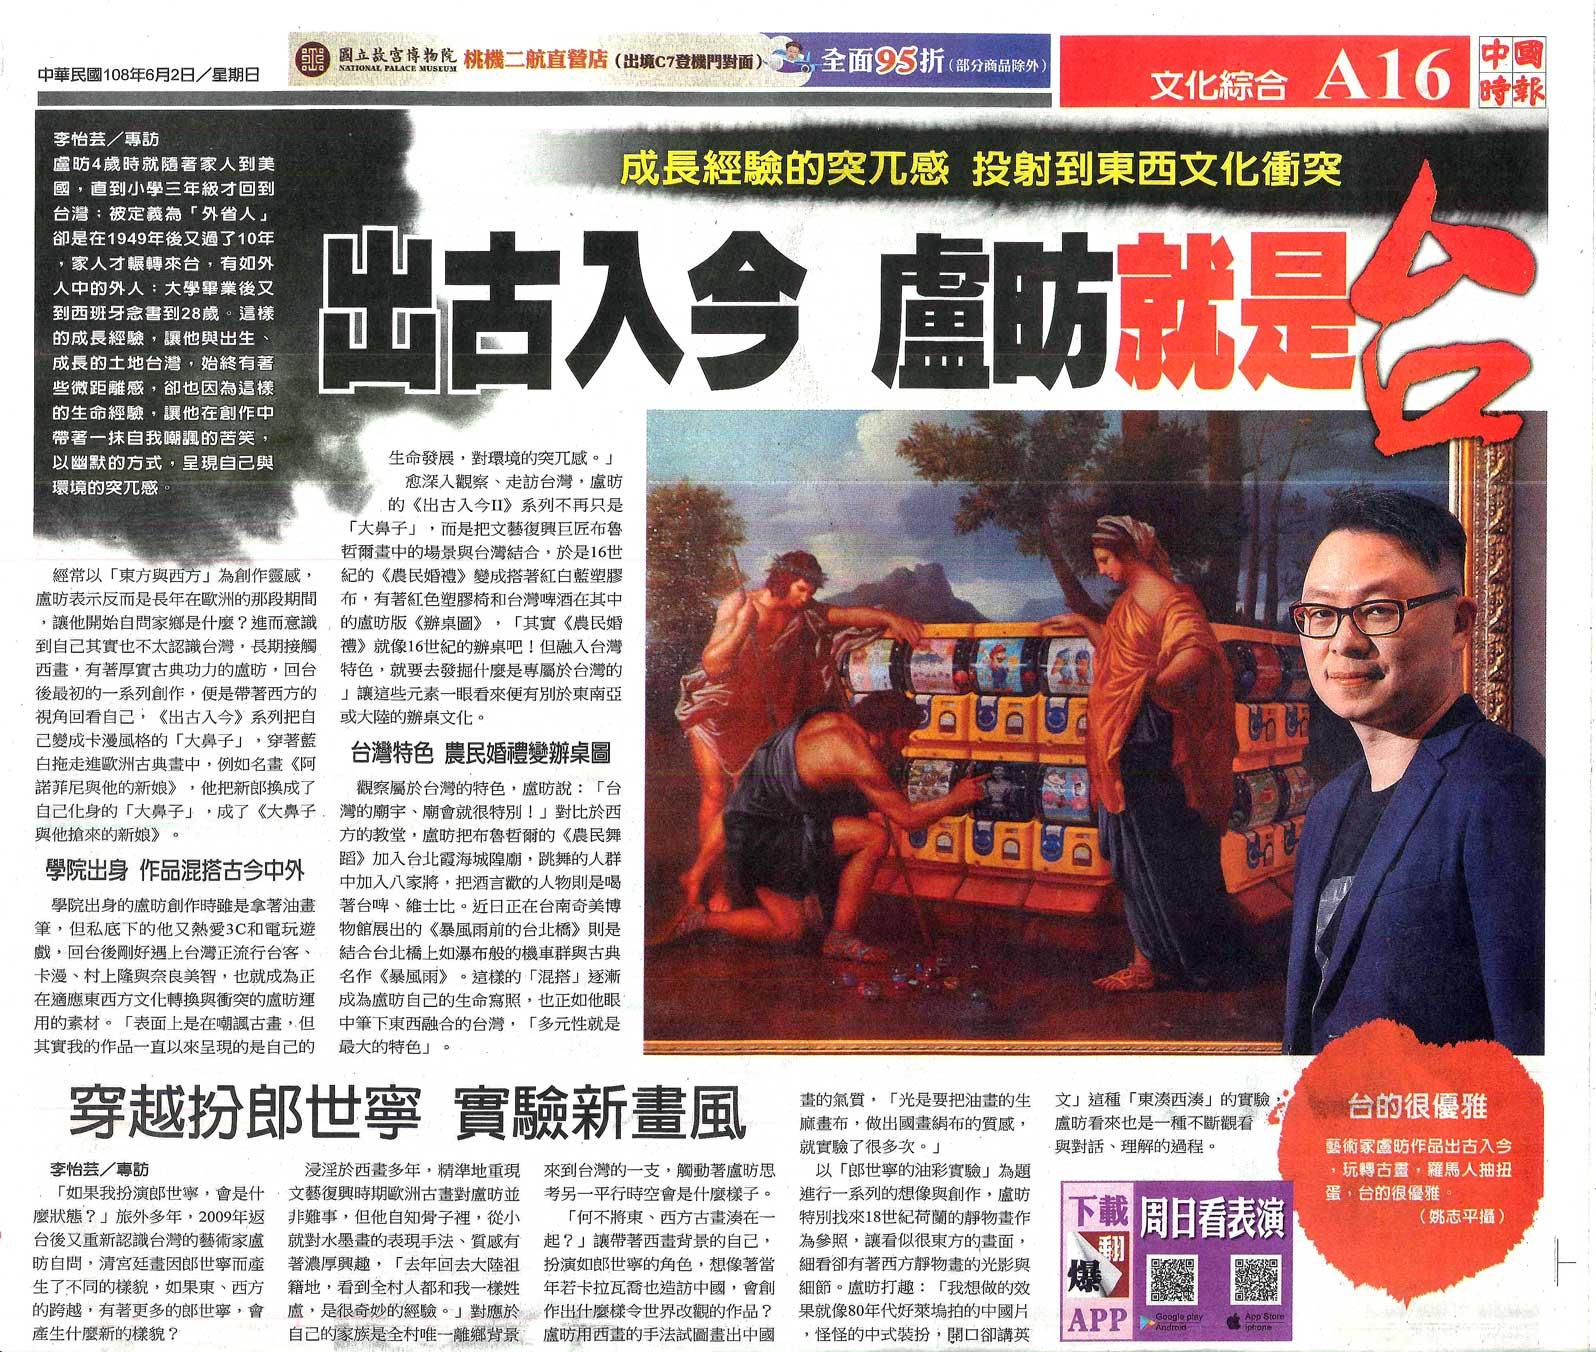 中時 China-Times_JUN-2,-2019_LU-Fang.jpg